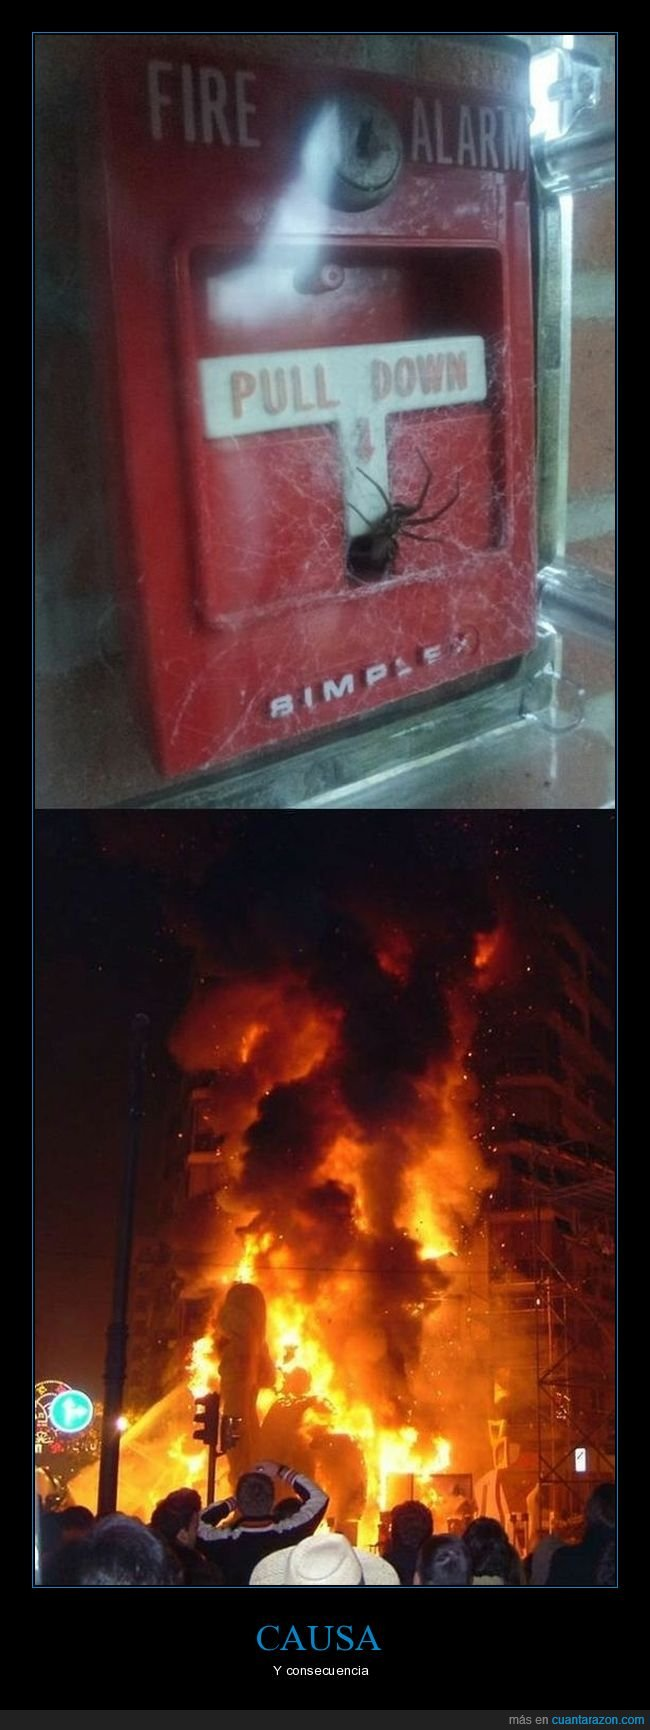 alarma de incendios,araña,incendio